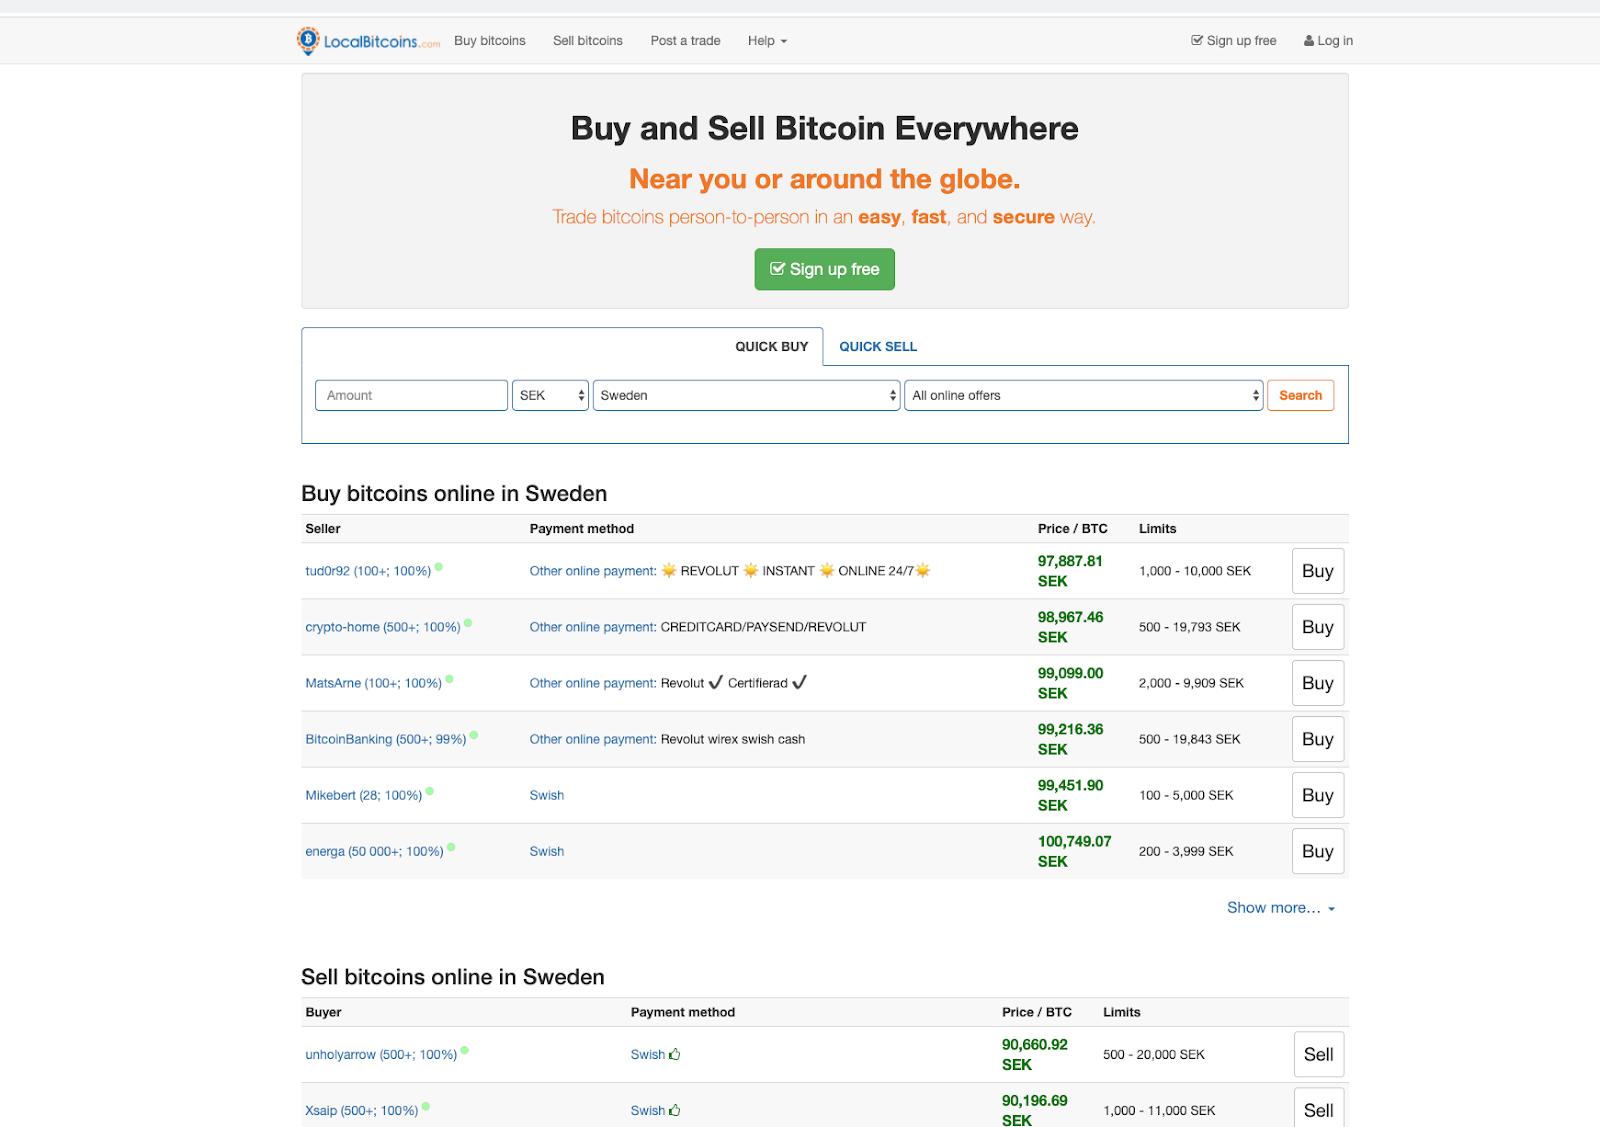 LocalBitcoin screenshot